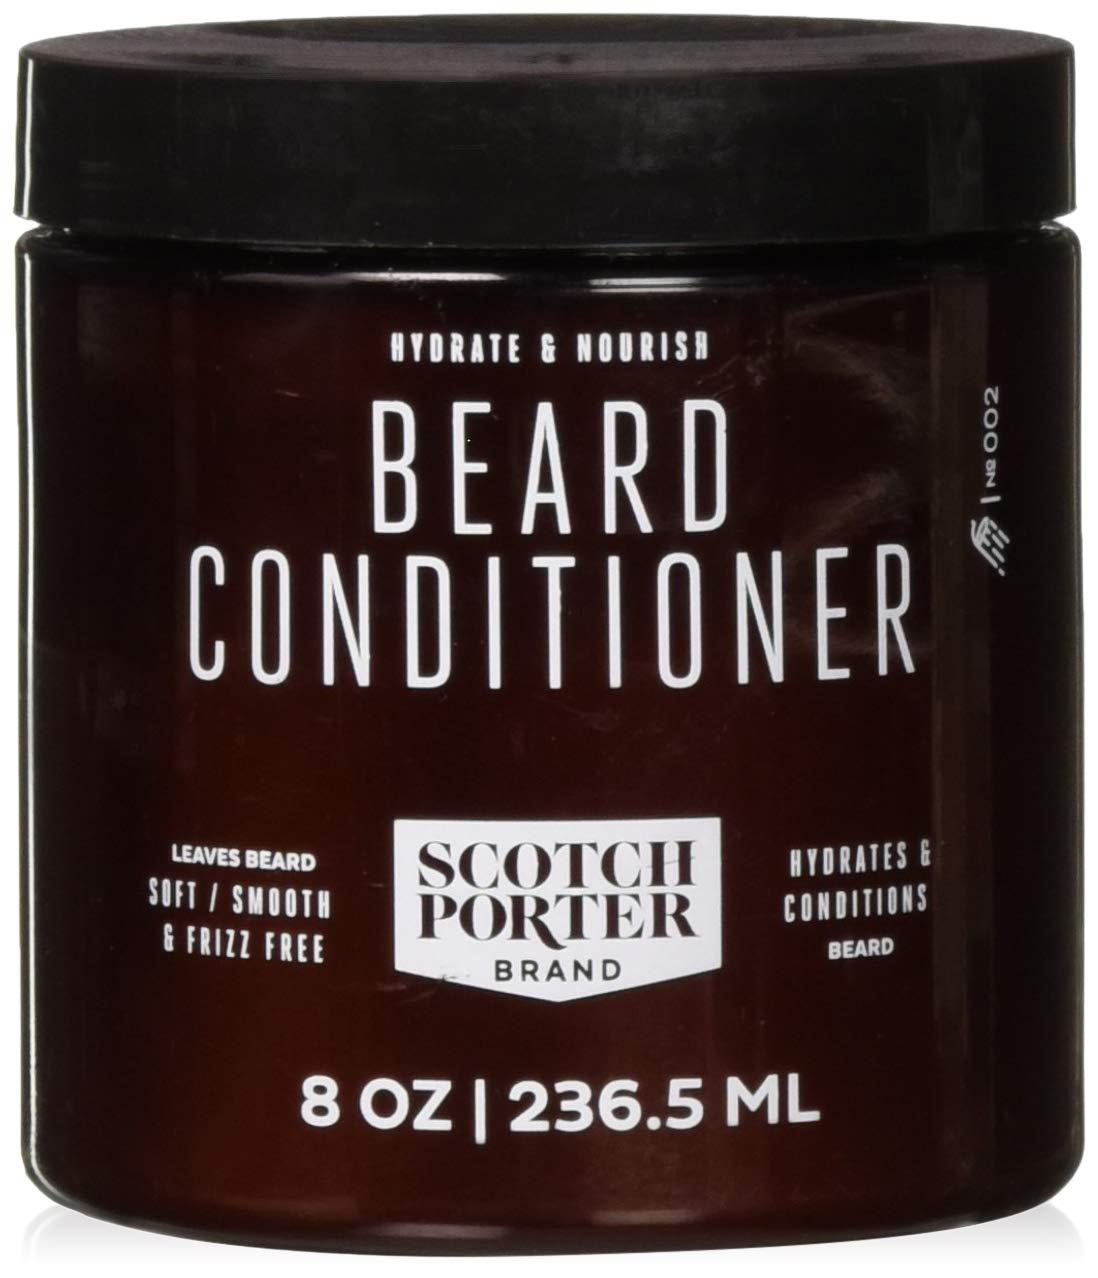 Scotch Porter beard conditioner, 8 oz.